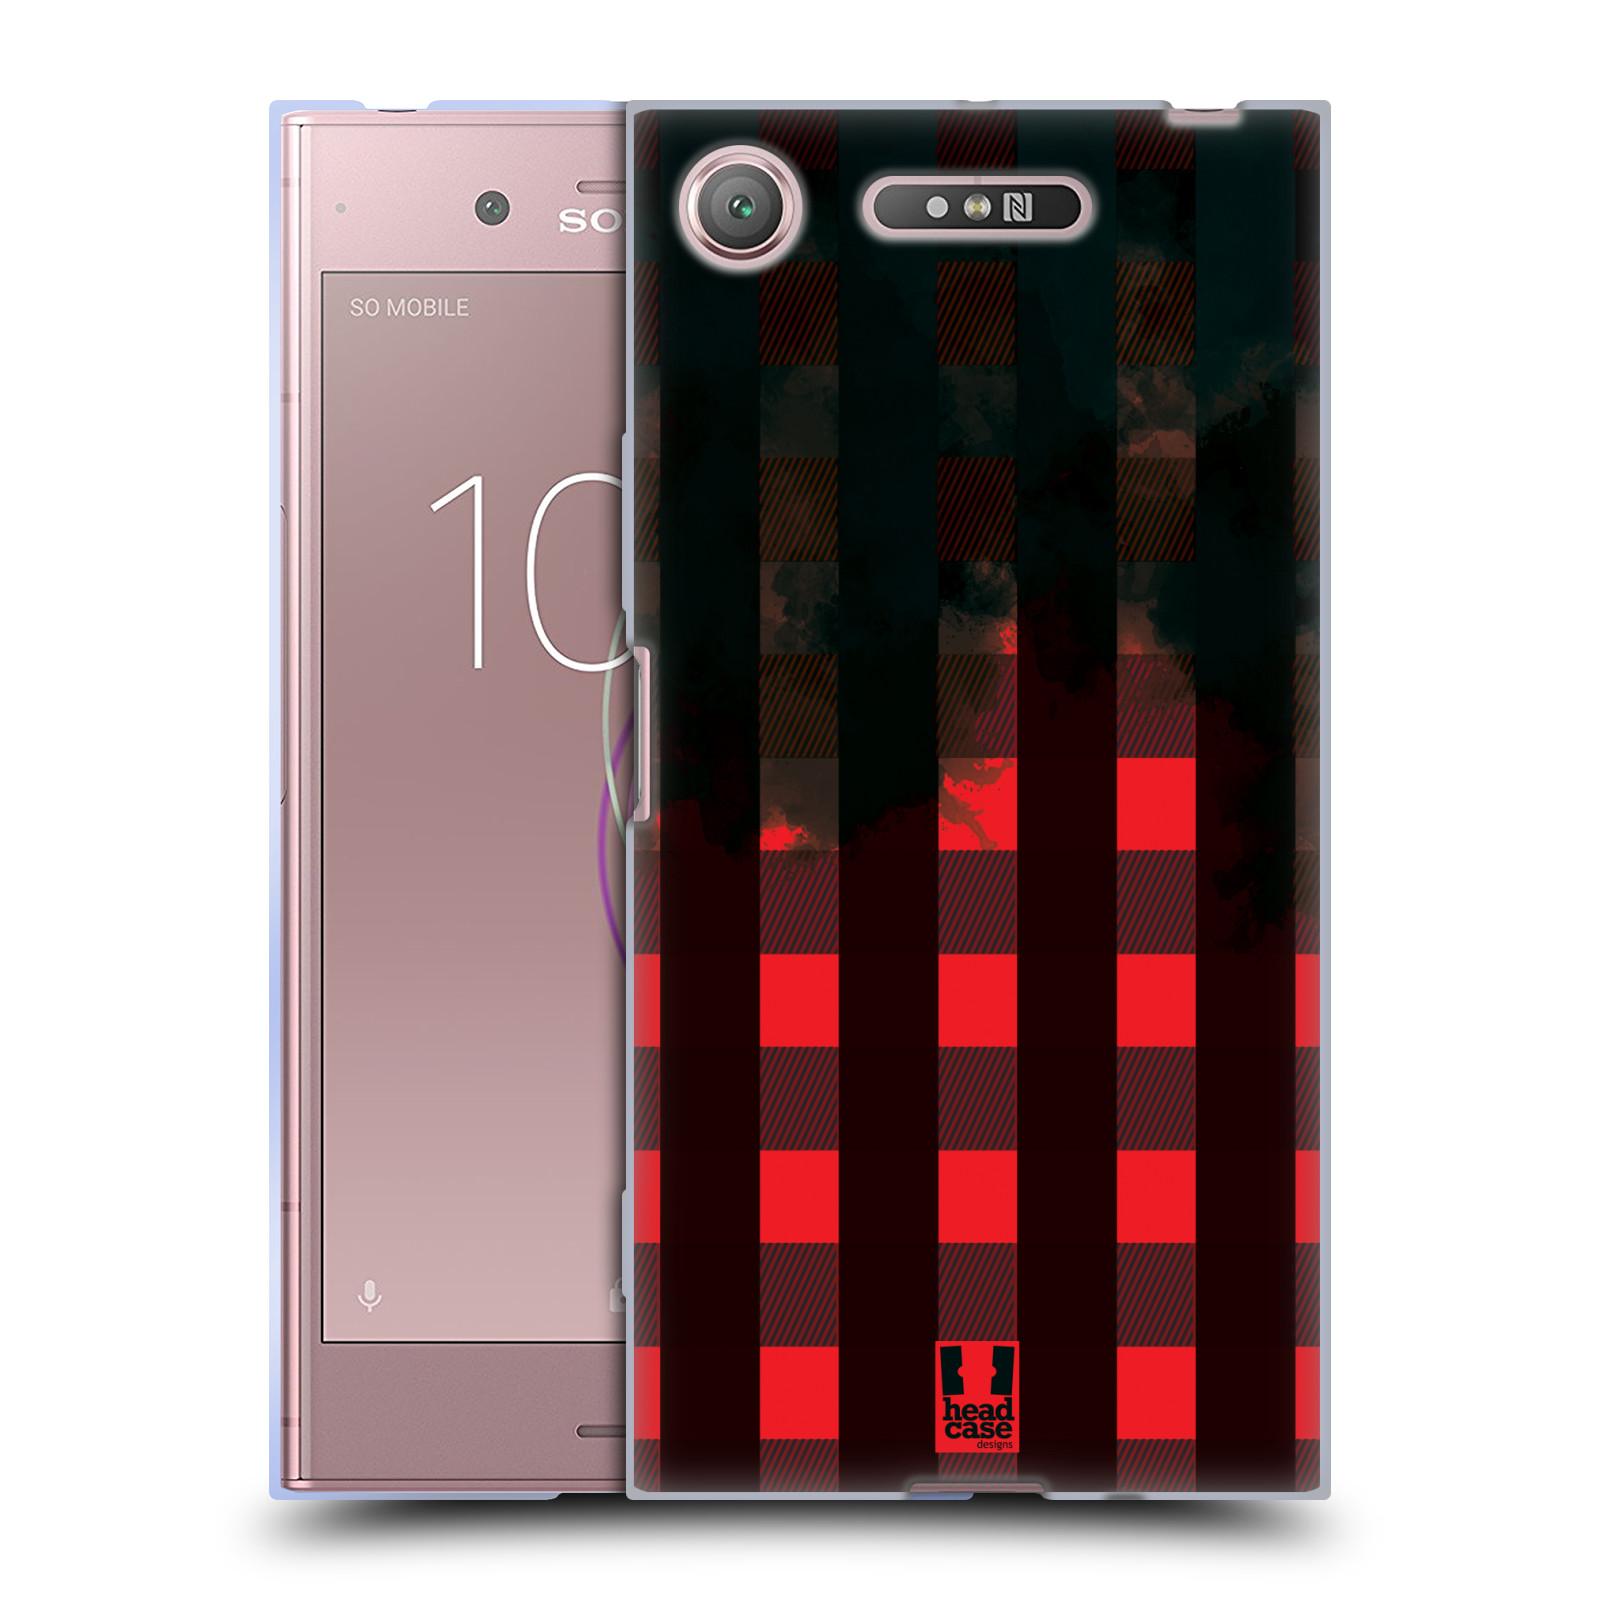 Silikonové pouzdro na mobil Sony Xperia XZ1 - Head Case - FLANEL RED BLACK (Silikonový kryt či obal na mobilní telefon Sony Xperia XZ1 (G8342 Dual Sim / G8341 Single Sim) s motivem FLANEL RED BLACK)